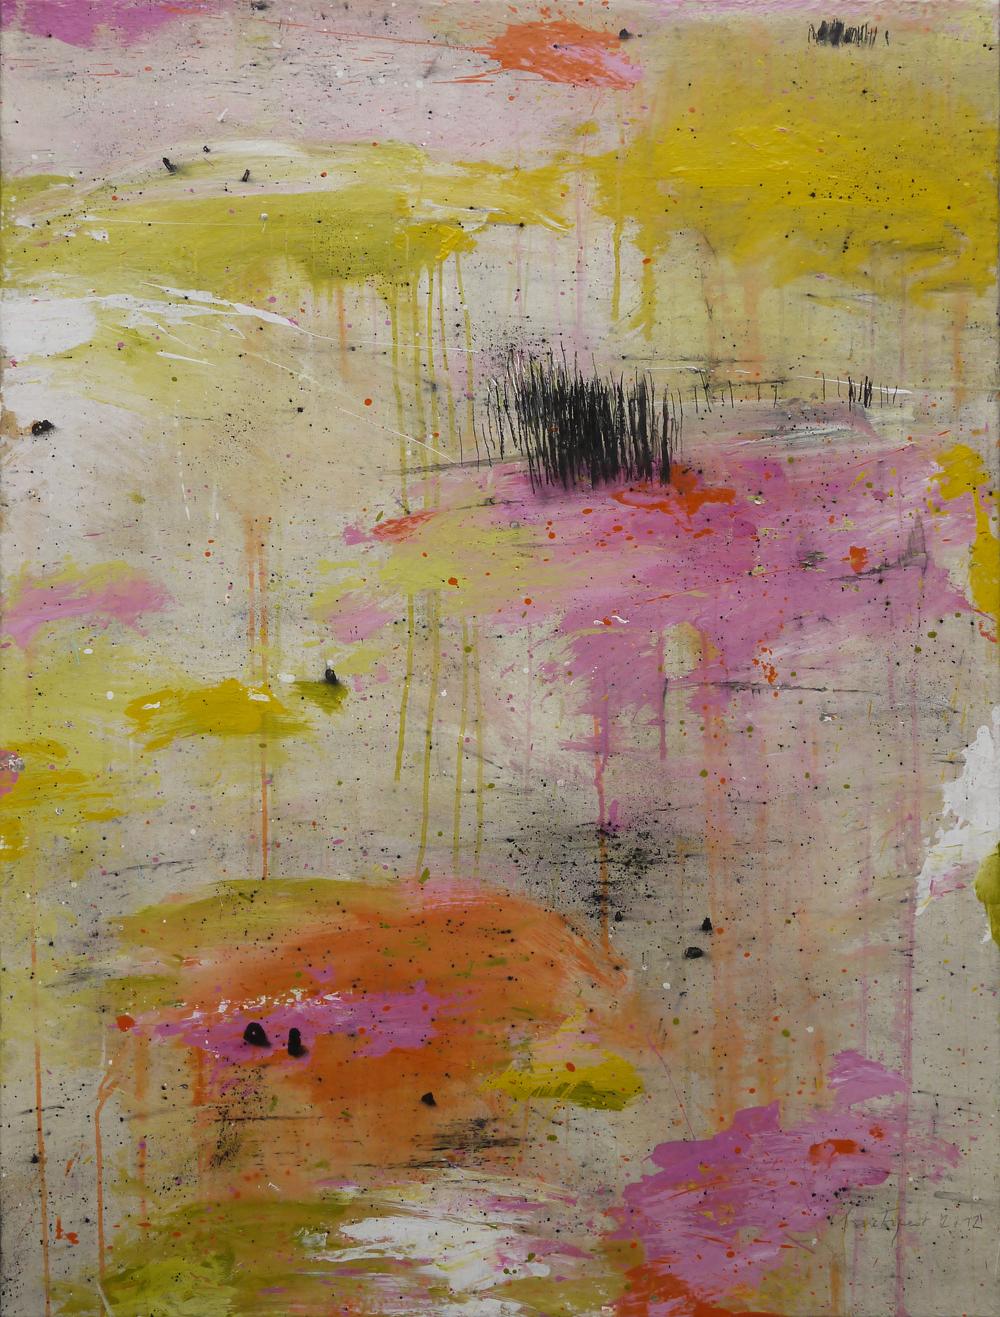 2012 - Paysages perdus / Lost landscapes  n°2